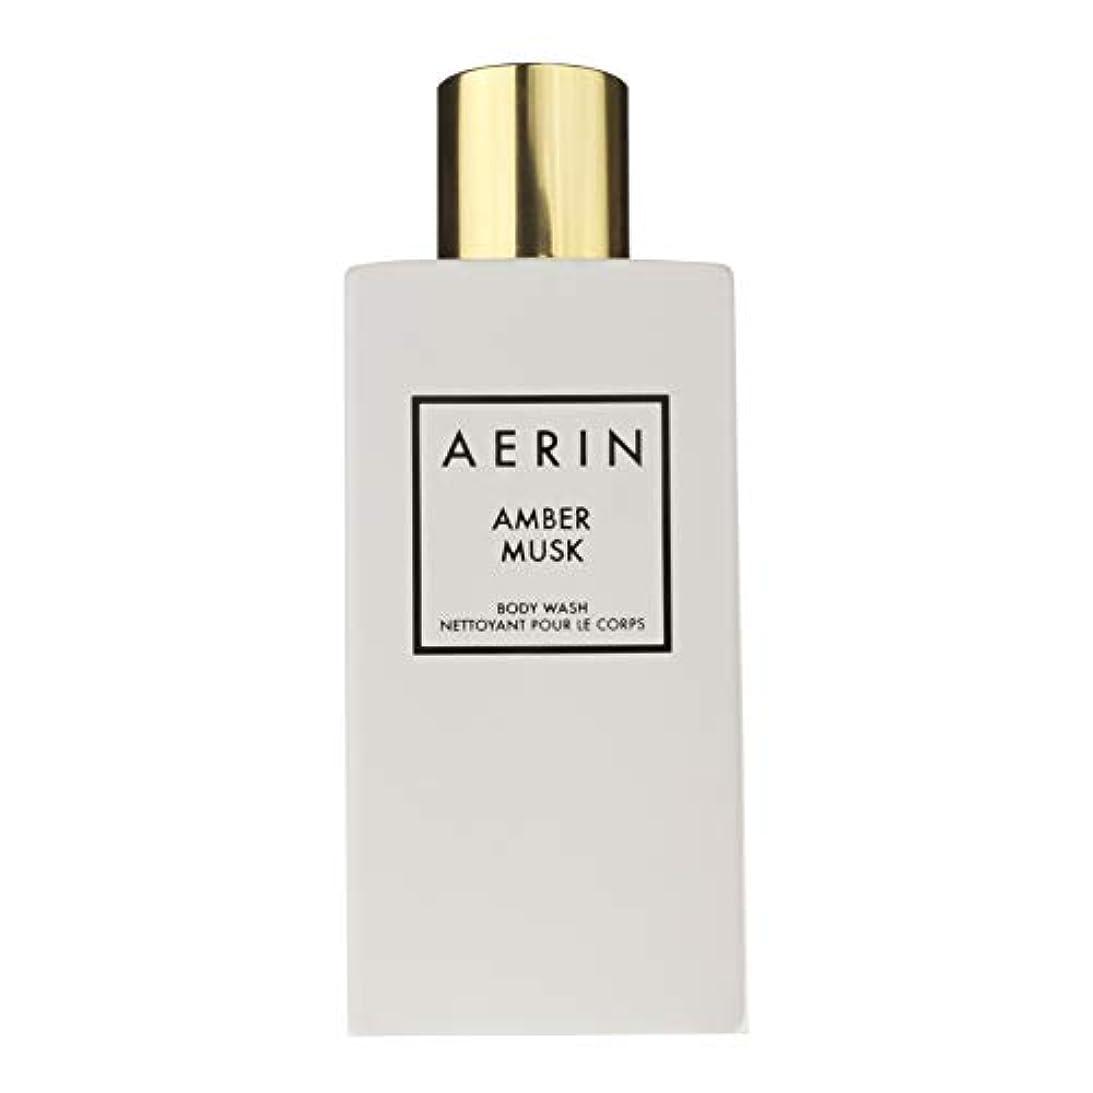 起きている中止しますズボンAERIN 'Amber Musk' (アエリン アンバームスク) 7.6 oz (228ml) Body Wash ボディーウオッシュ by Estee Lauder